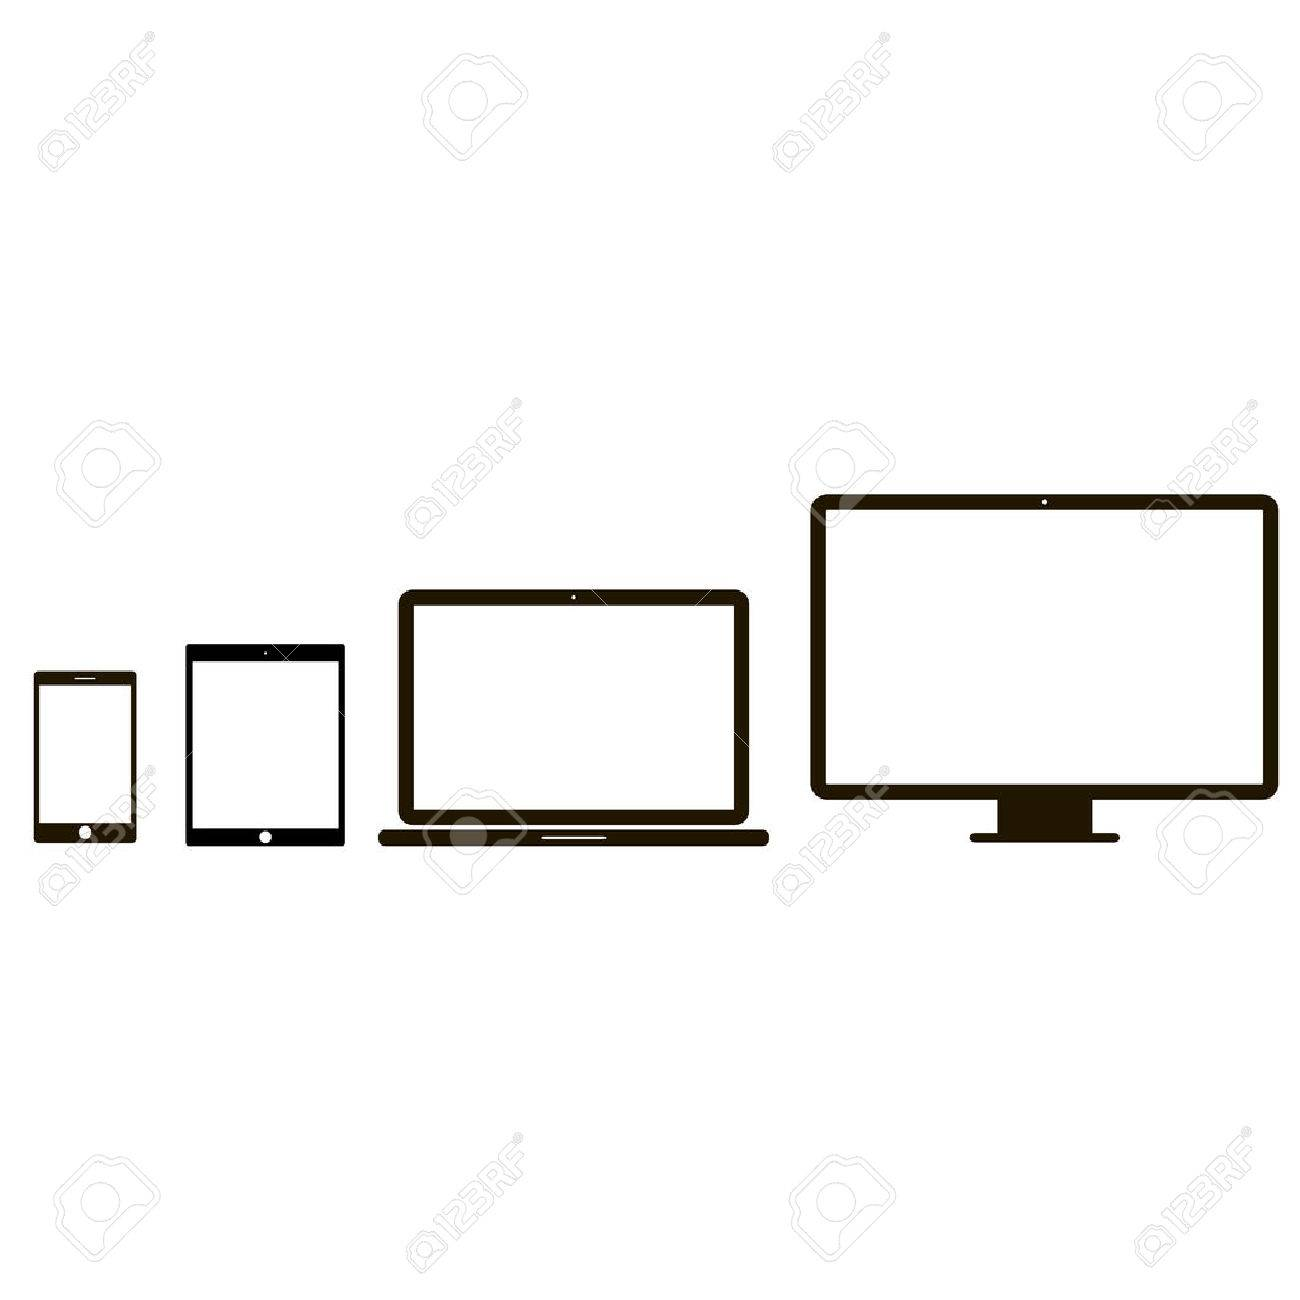 Großzügig Elektrische Geräte Und Ihre Symbole Fotos - Elektrische ...